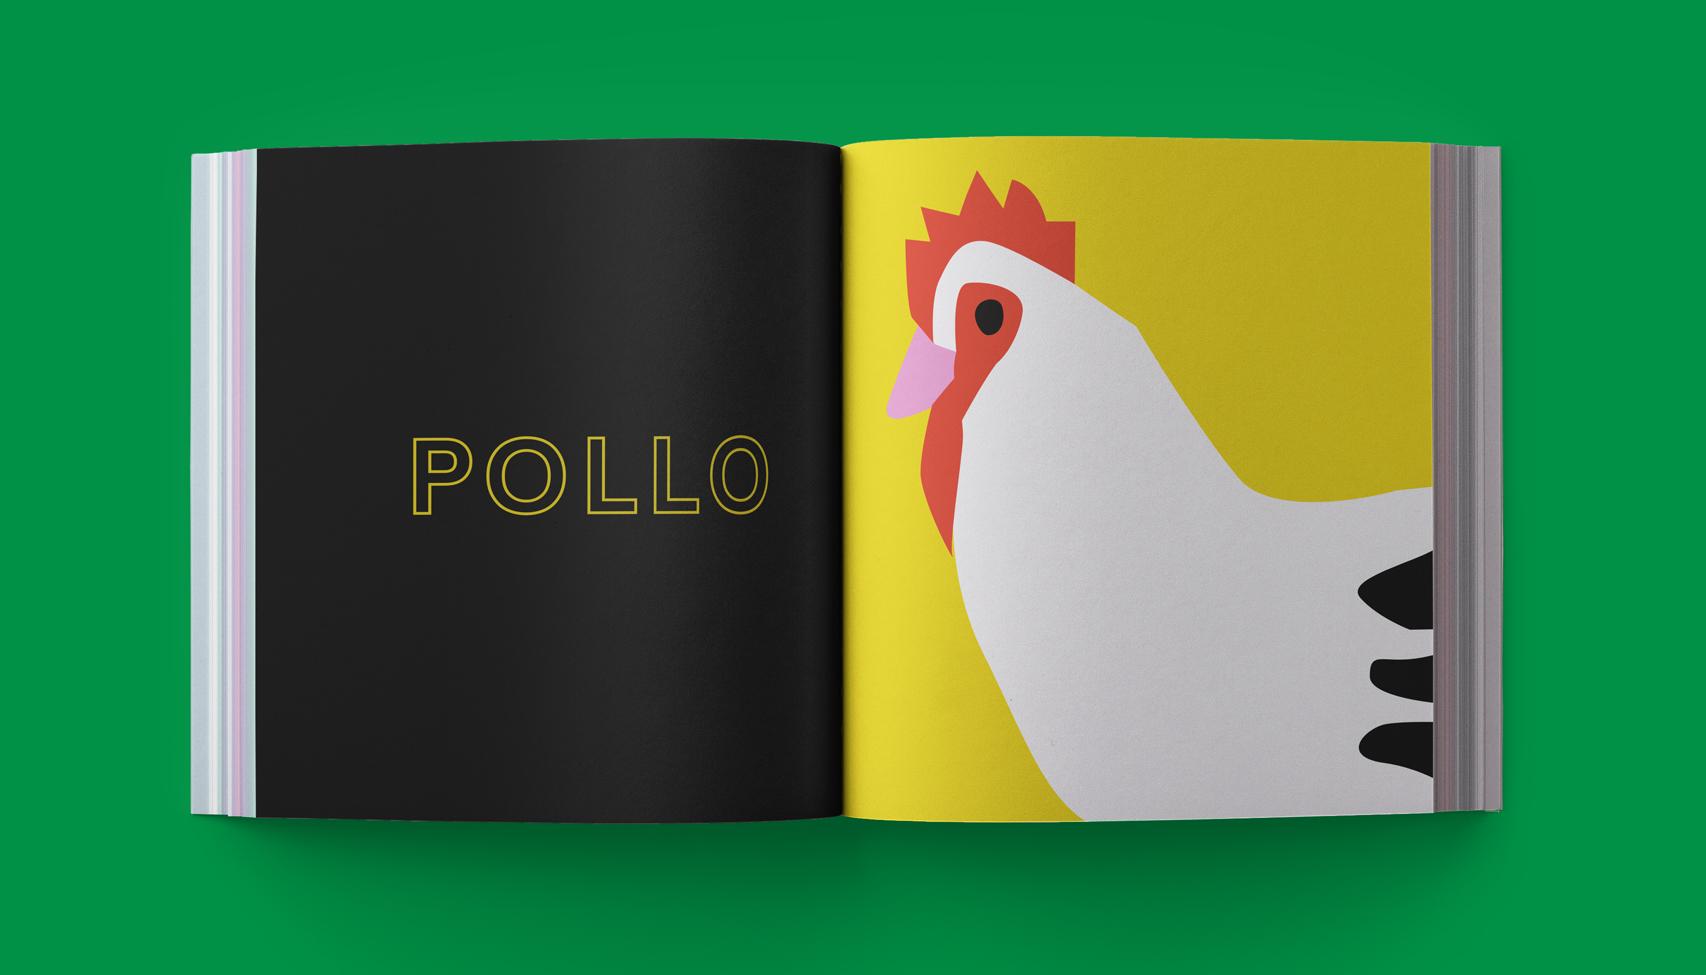 LK_2020_Site_Espanol_Pollo-1